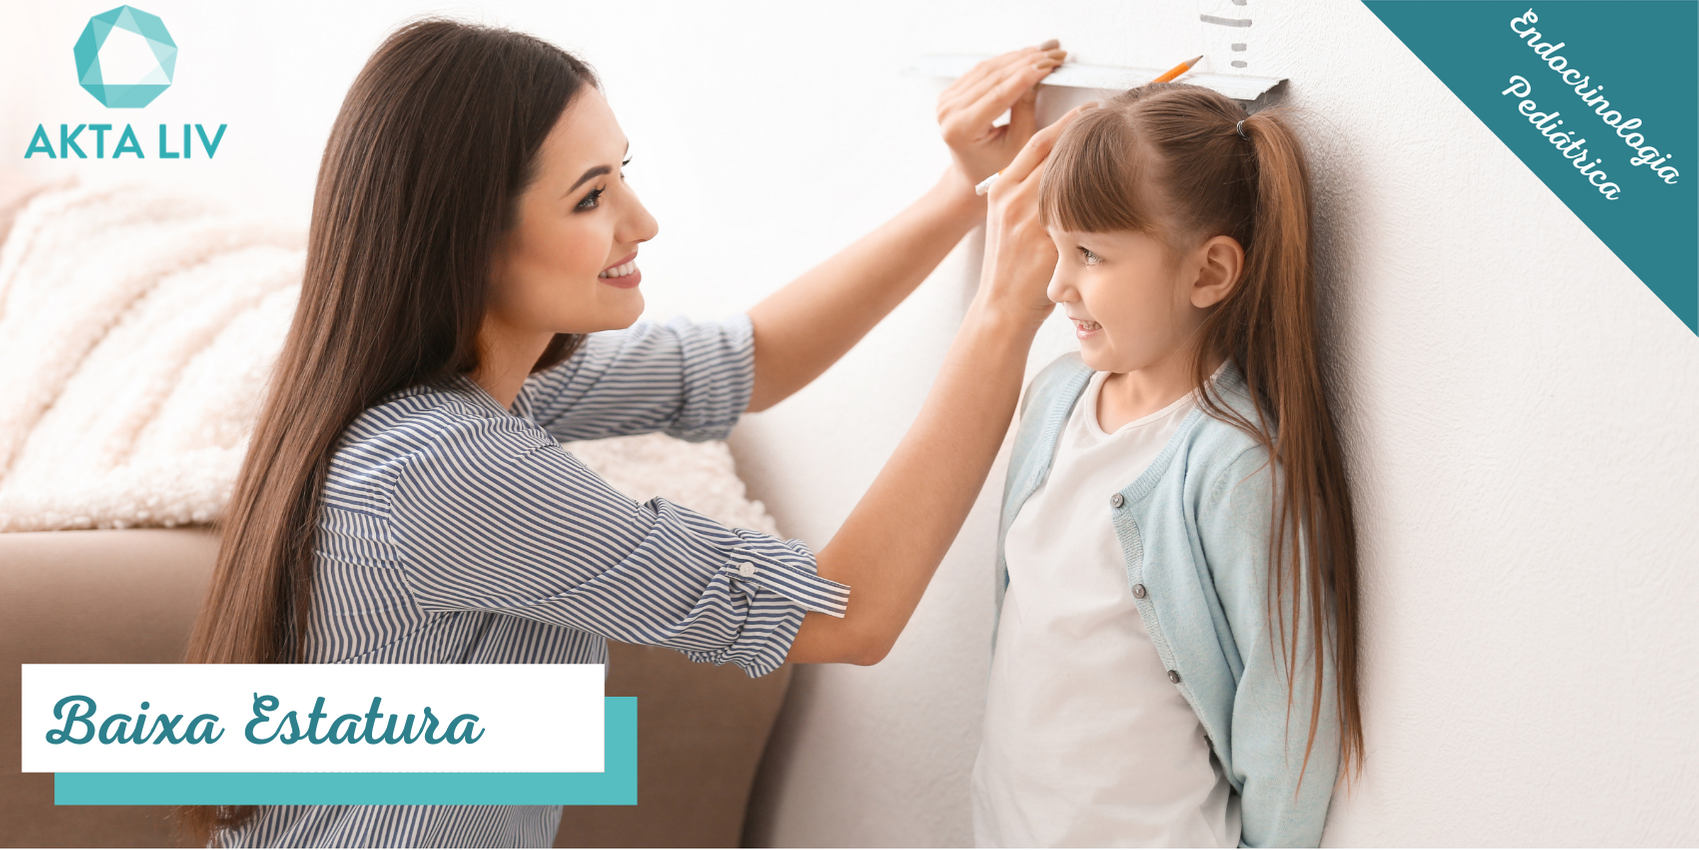 AKTA-Liv-Endocrinologia-Pediatrica-Baixa-Estatura-Blog